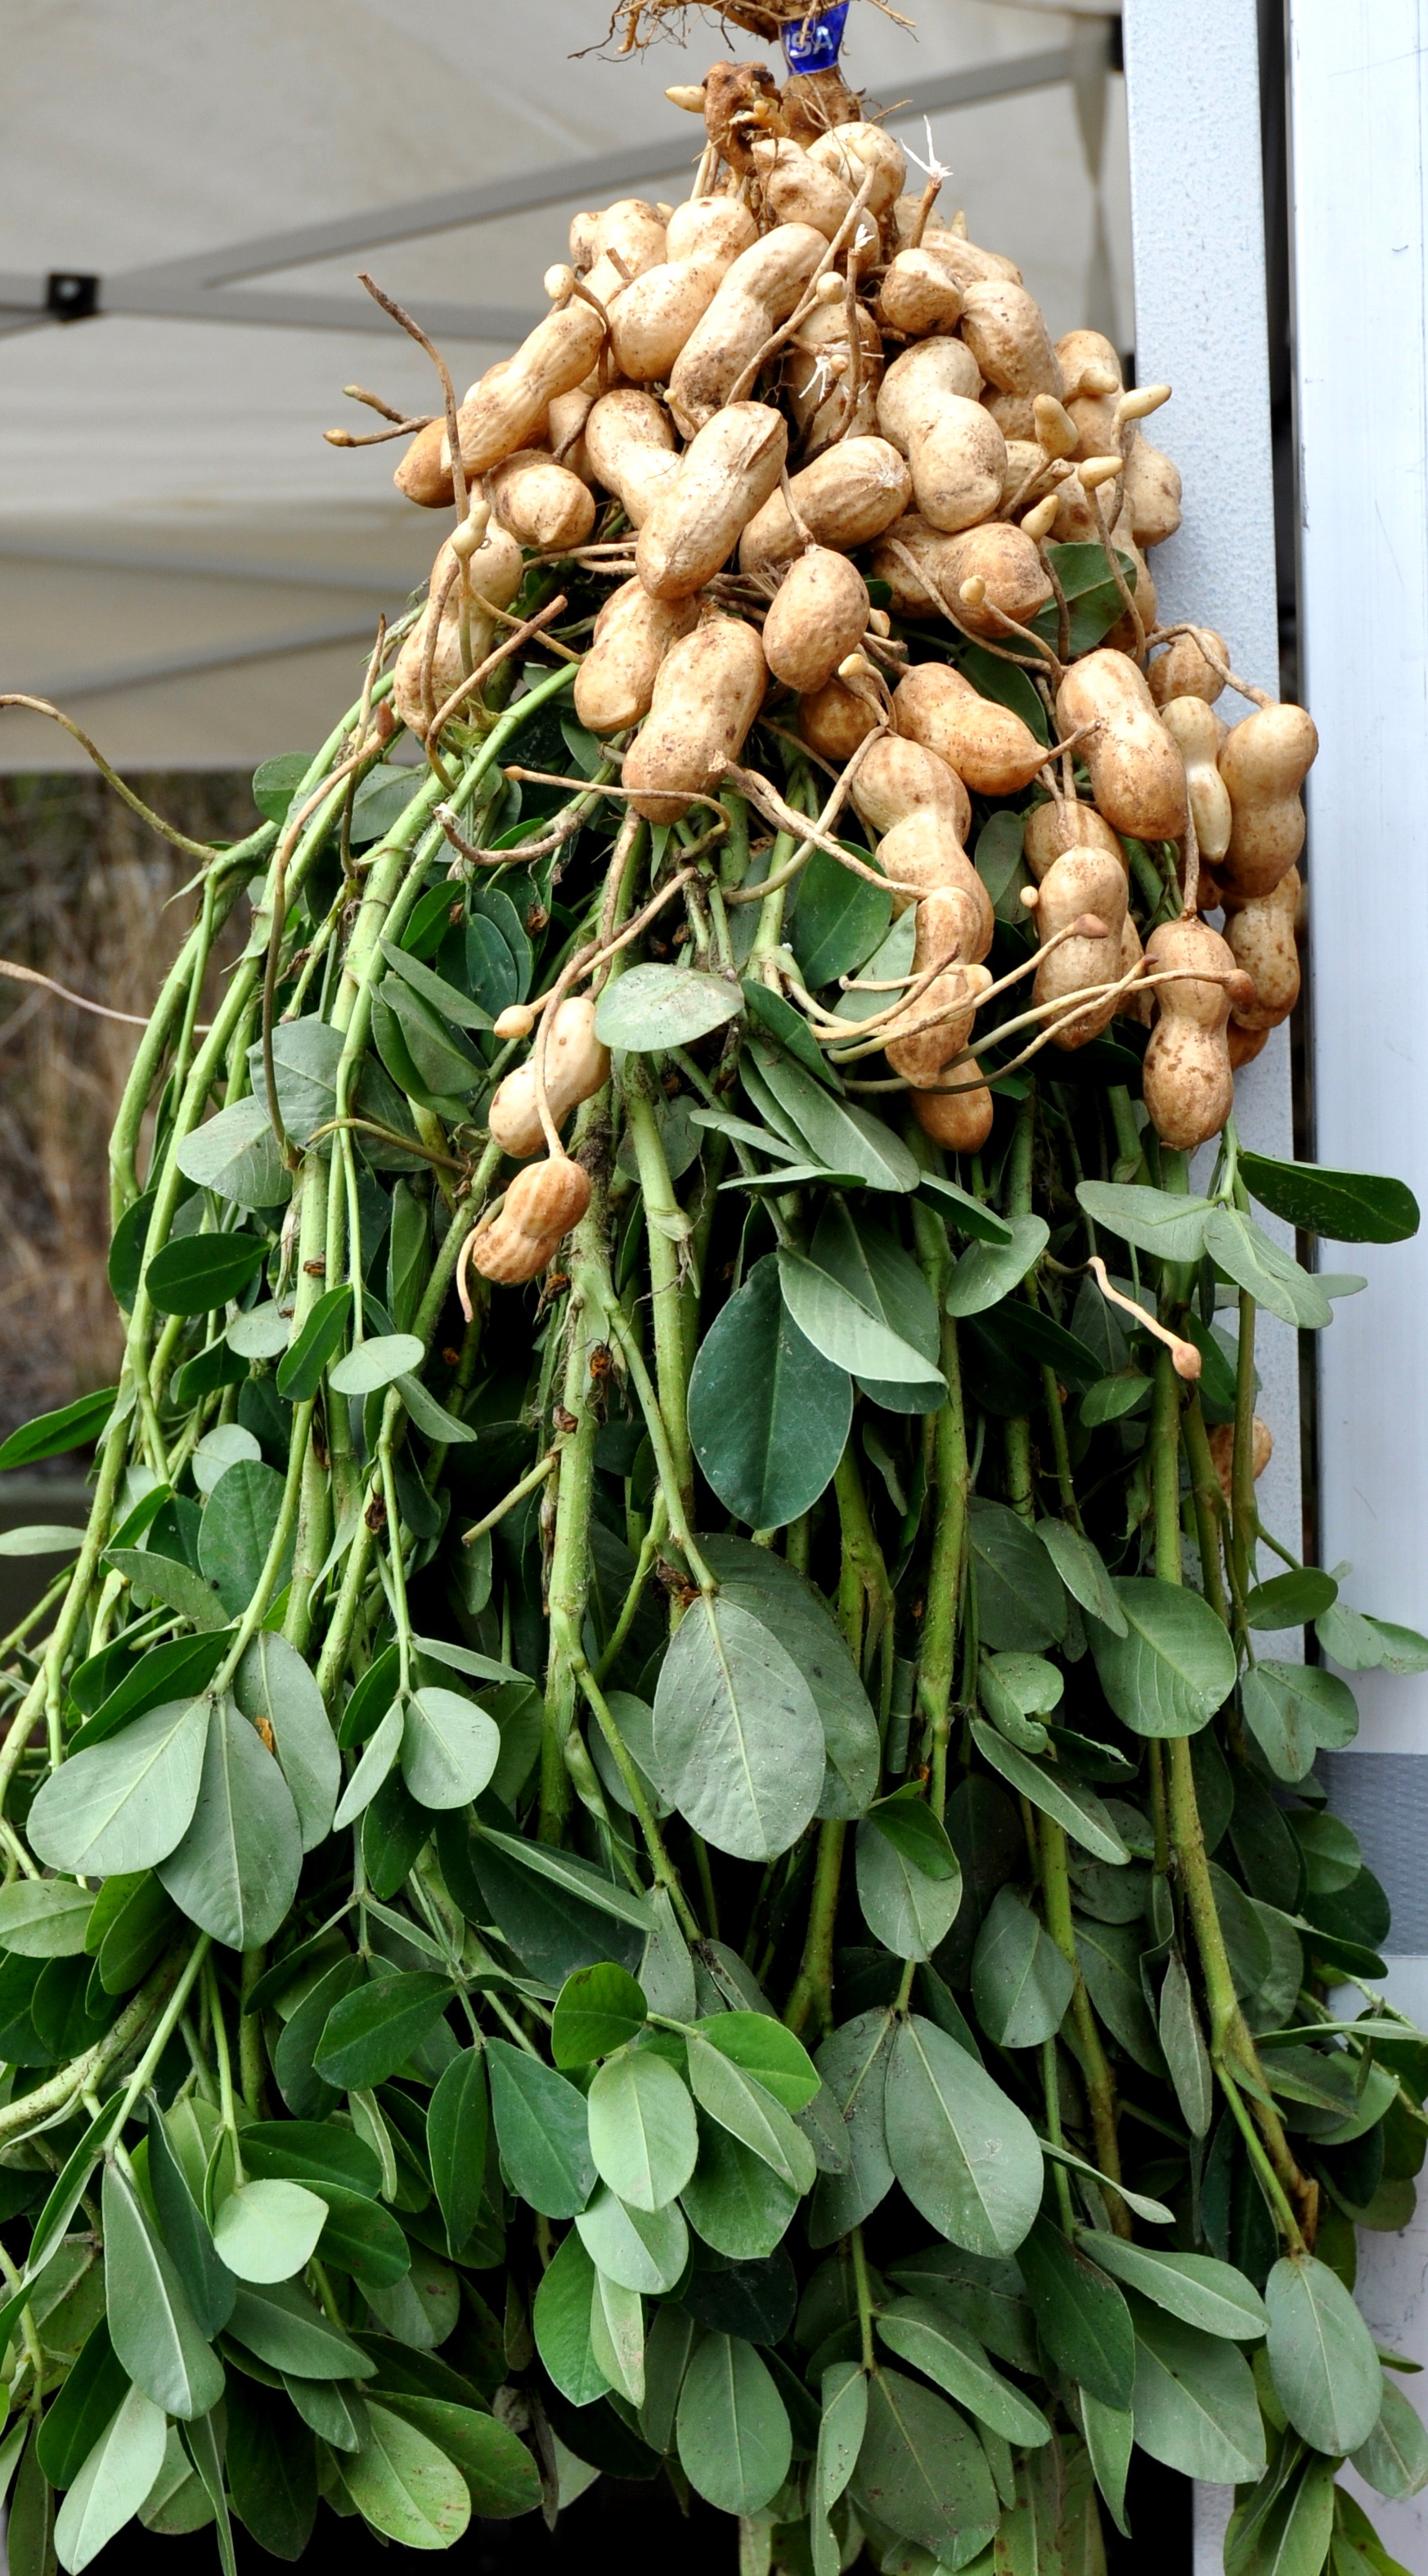 Fresh peanuts from Alvarez Organic Farms. Photo copyright 2013 by Zachary D. Lyons.